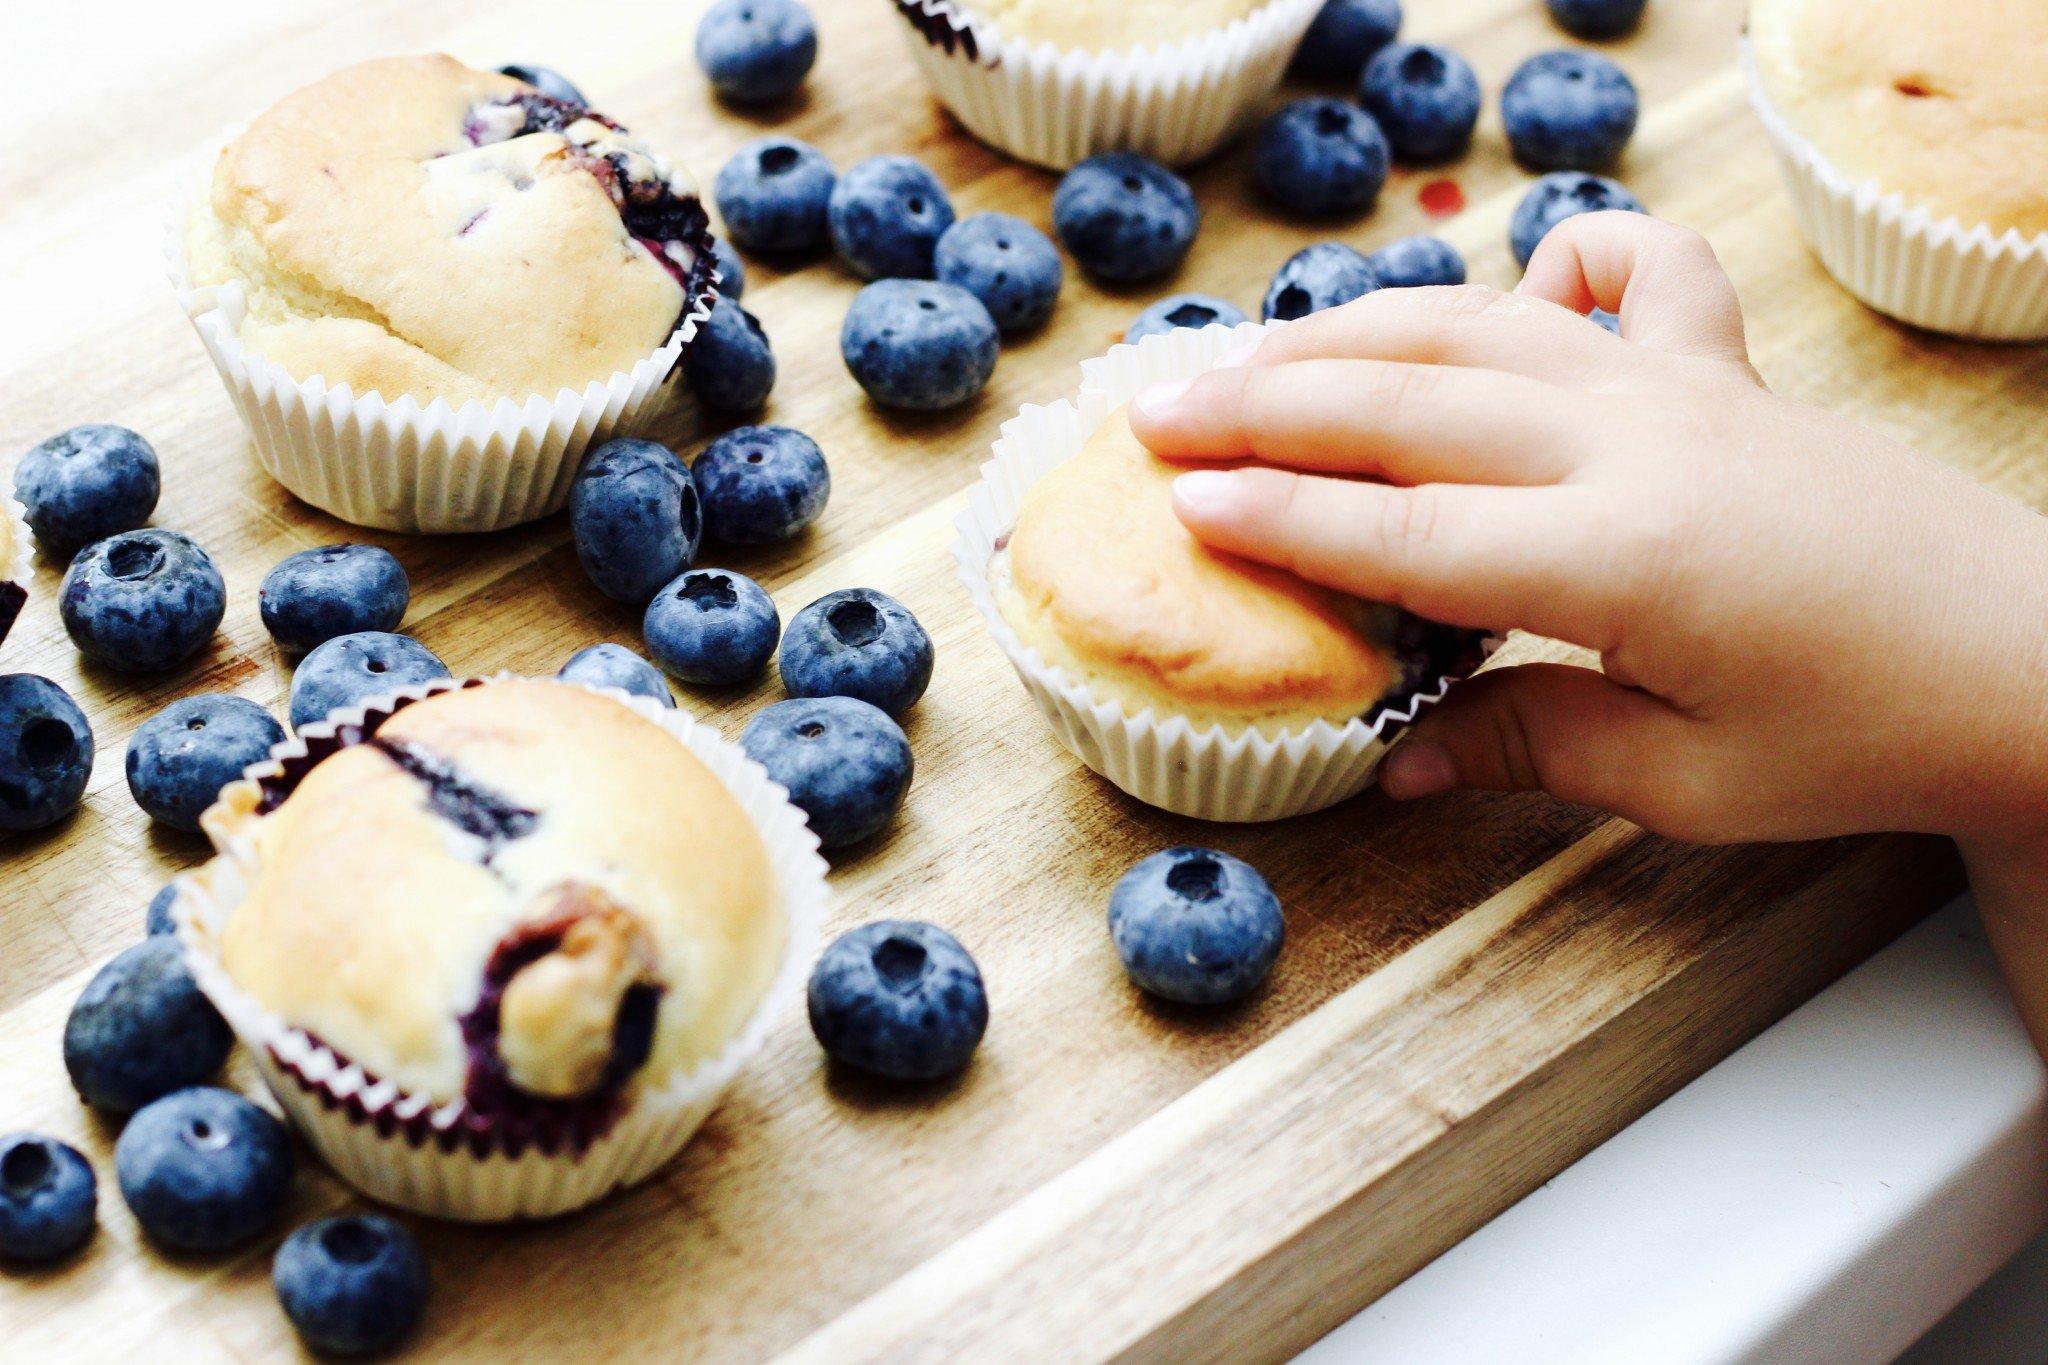 vegane Muffins mit Blaubeeren selber backen